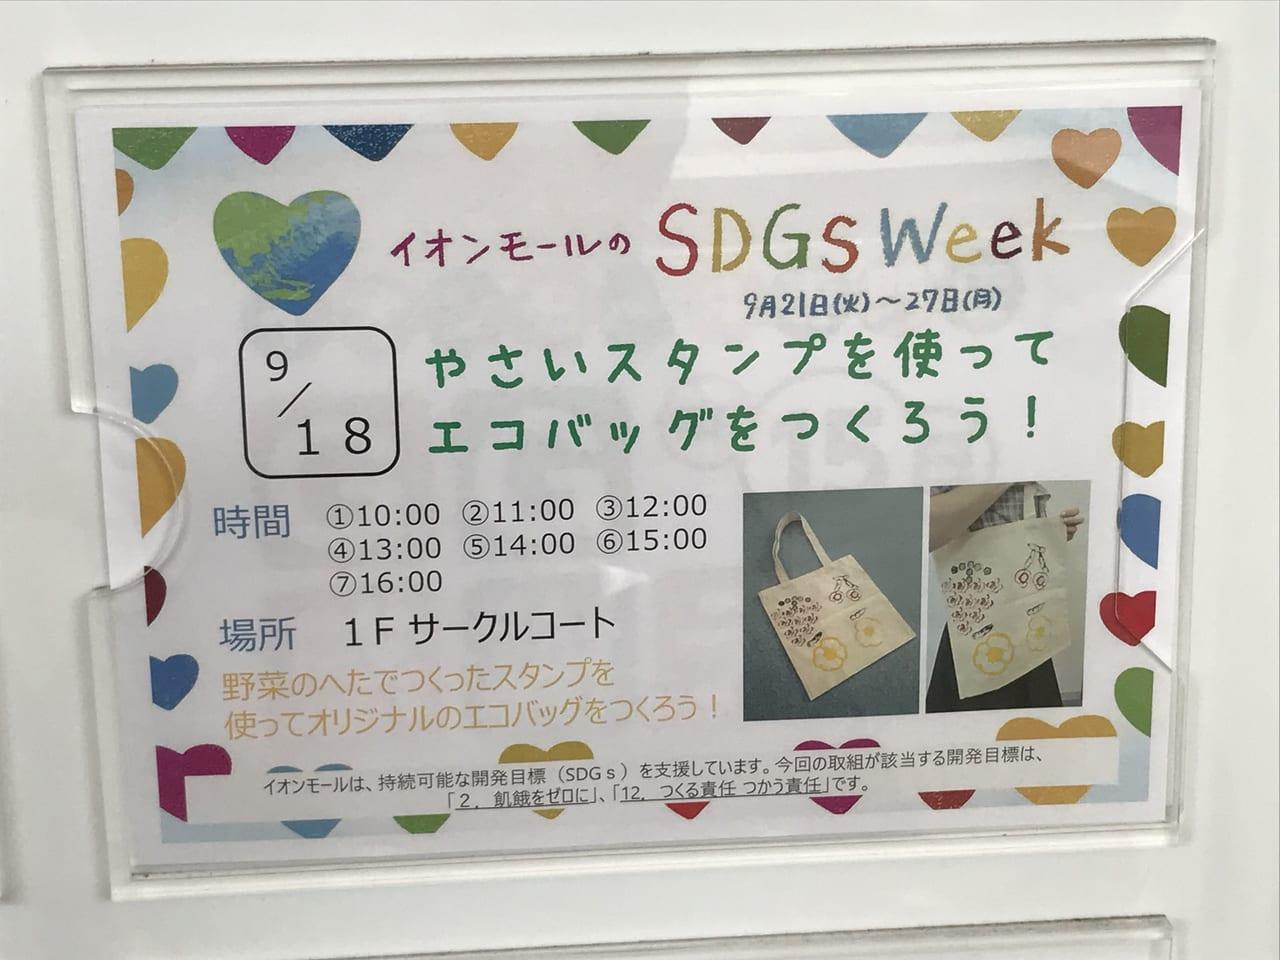 和歌山イオンのイベント